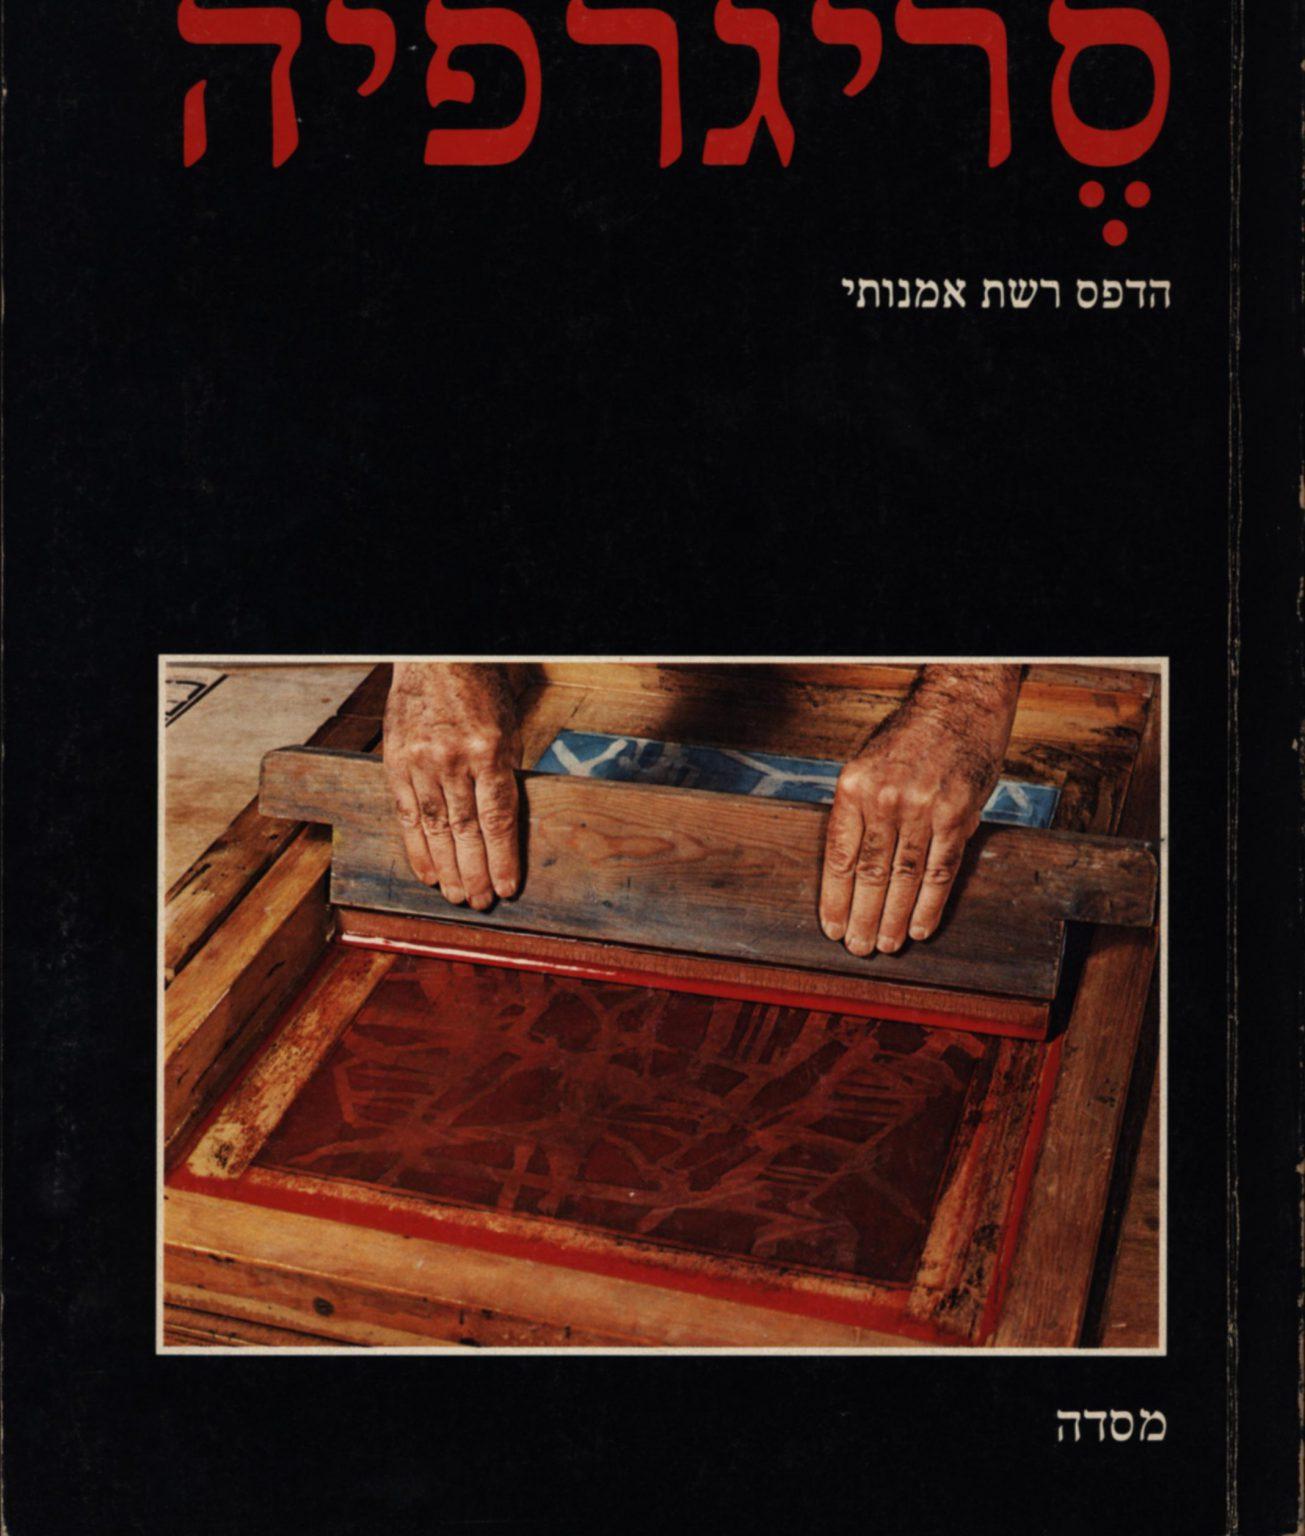 שלמה ויתקין, סריגרפיה: הדפס רשת אמנותי, מסדה, 1980